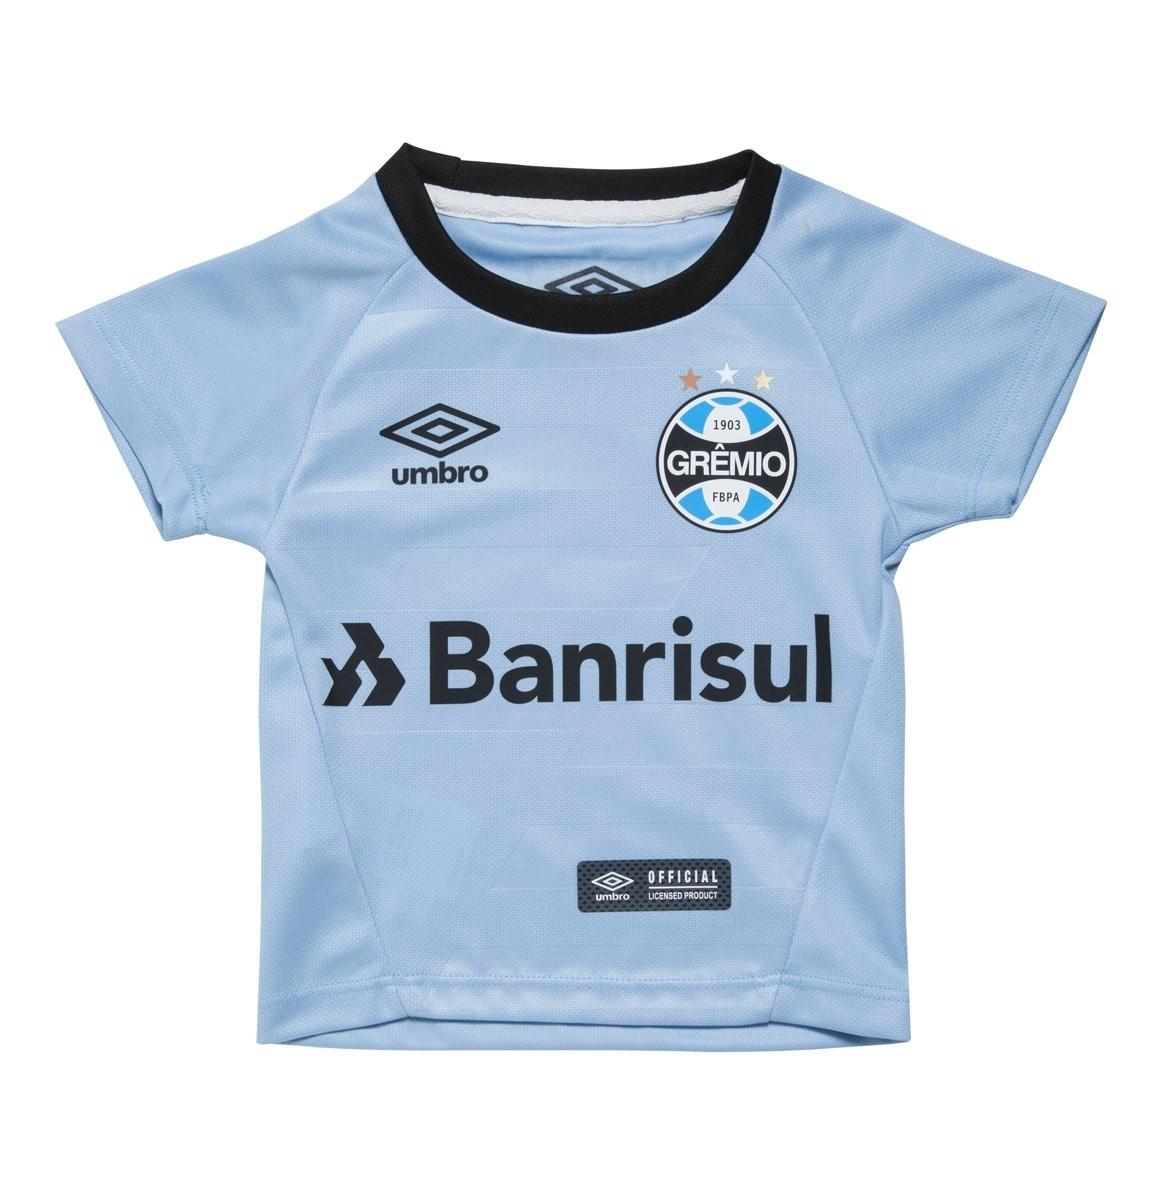 70eff2d5a0264 Camisa Infantil Umbro Grêmio Oficial II 2017 3G160099 313 Celeste Preto